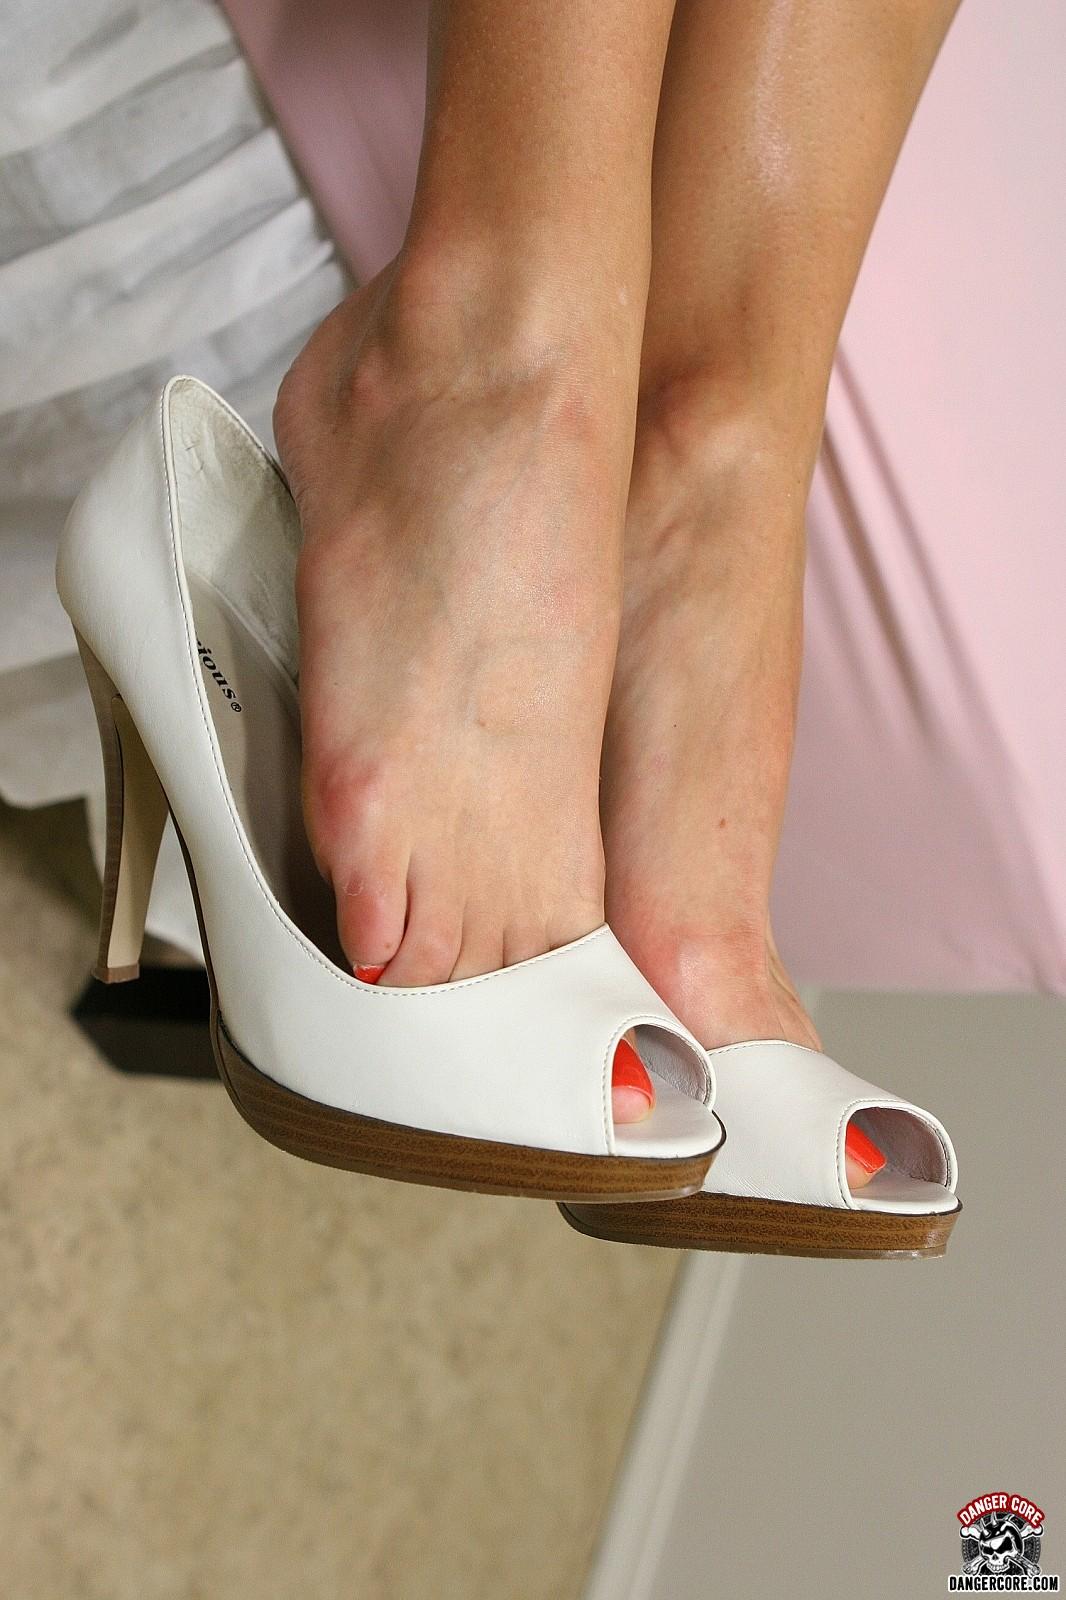 Kimberly kole foot fetish